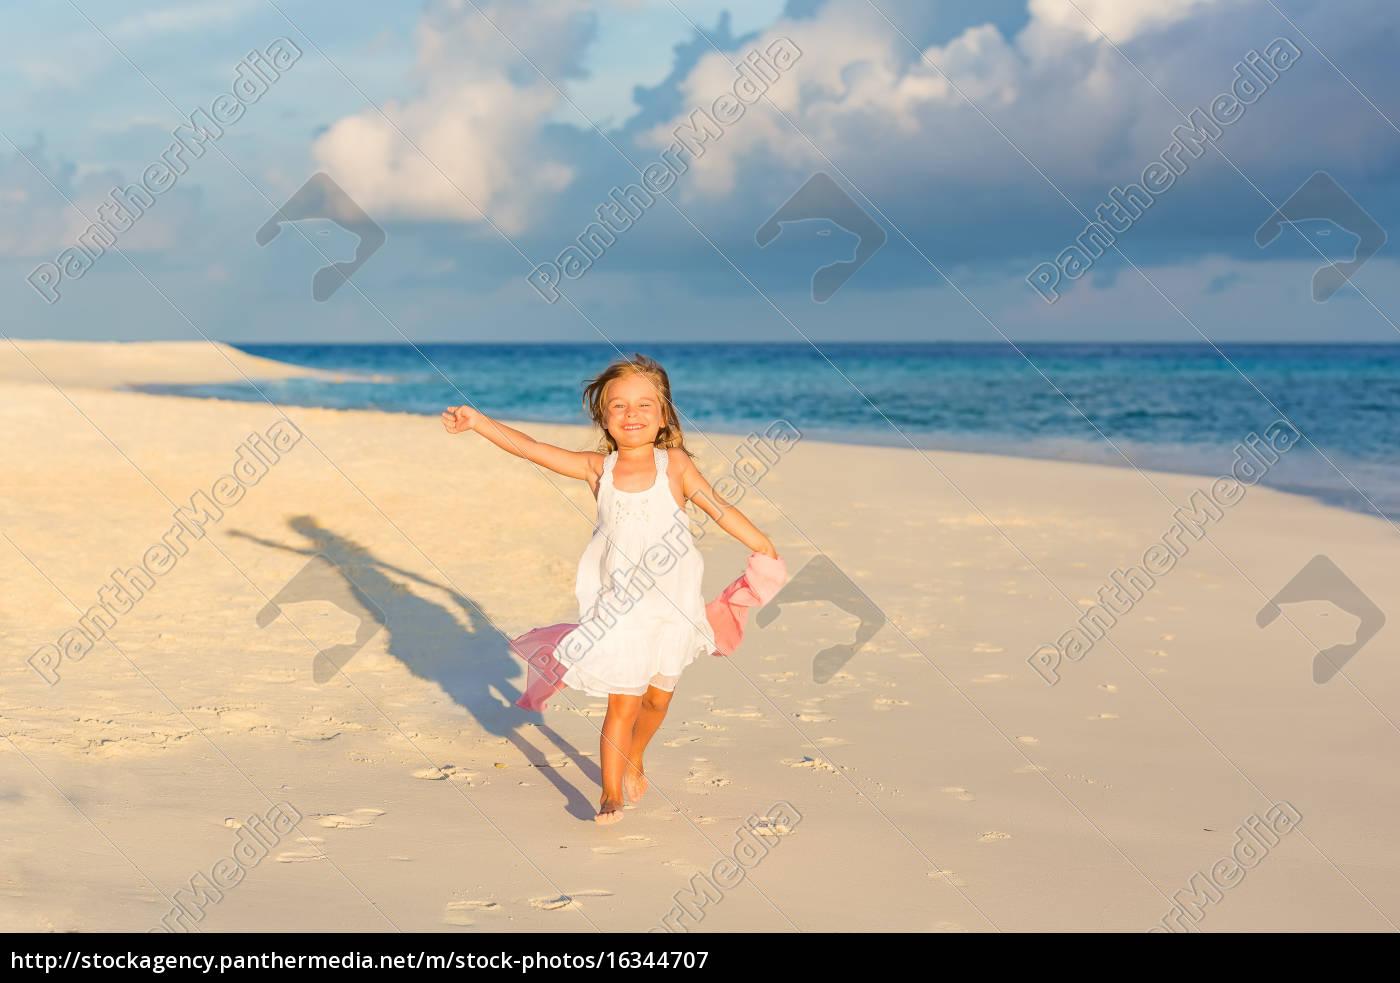 little, girl, on, the, beach - 16344707